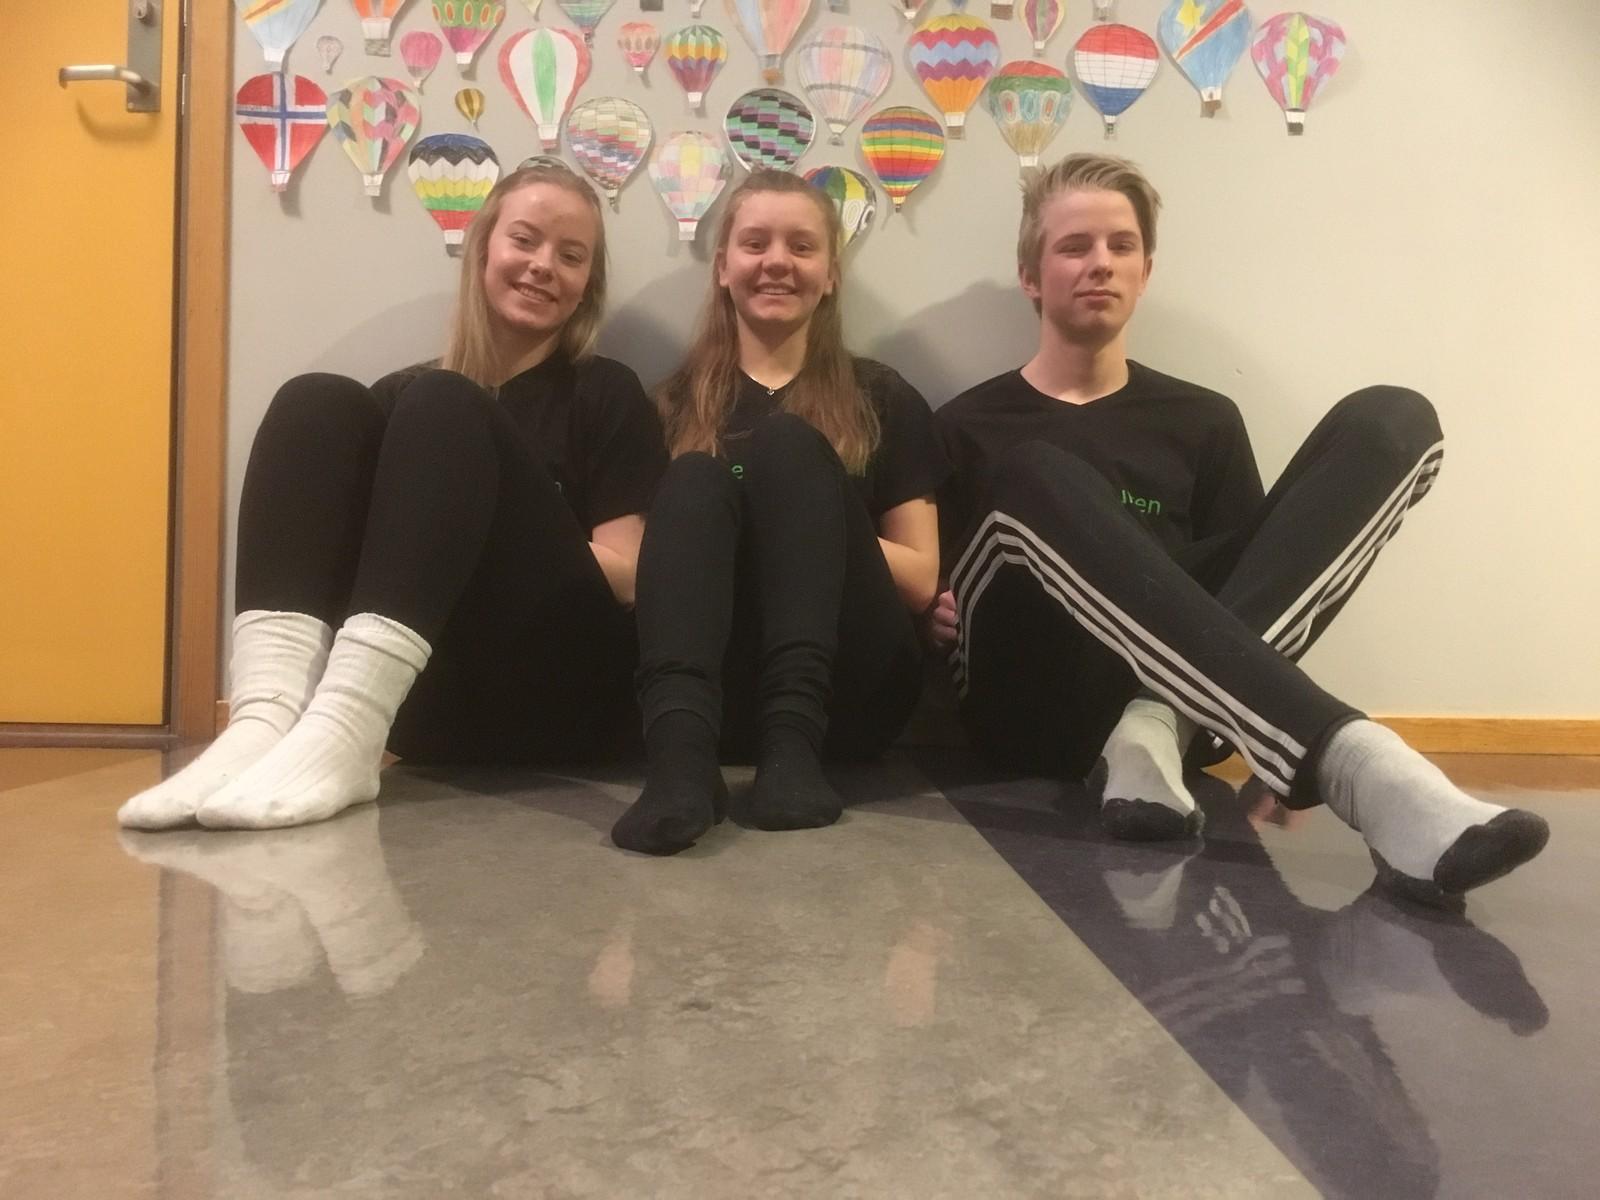 Heidi Vingelen, Marte Leinan Lund og Ola Brevad Lien fra Tolga skole fikk 7 poeng.